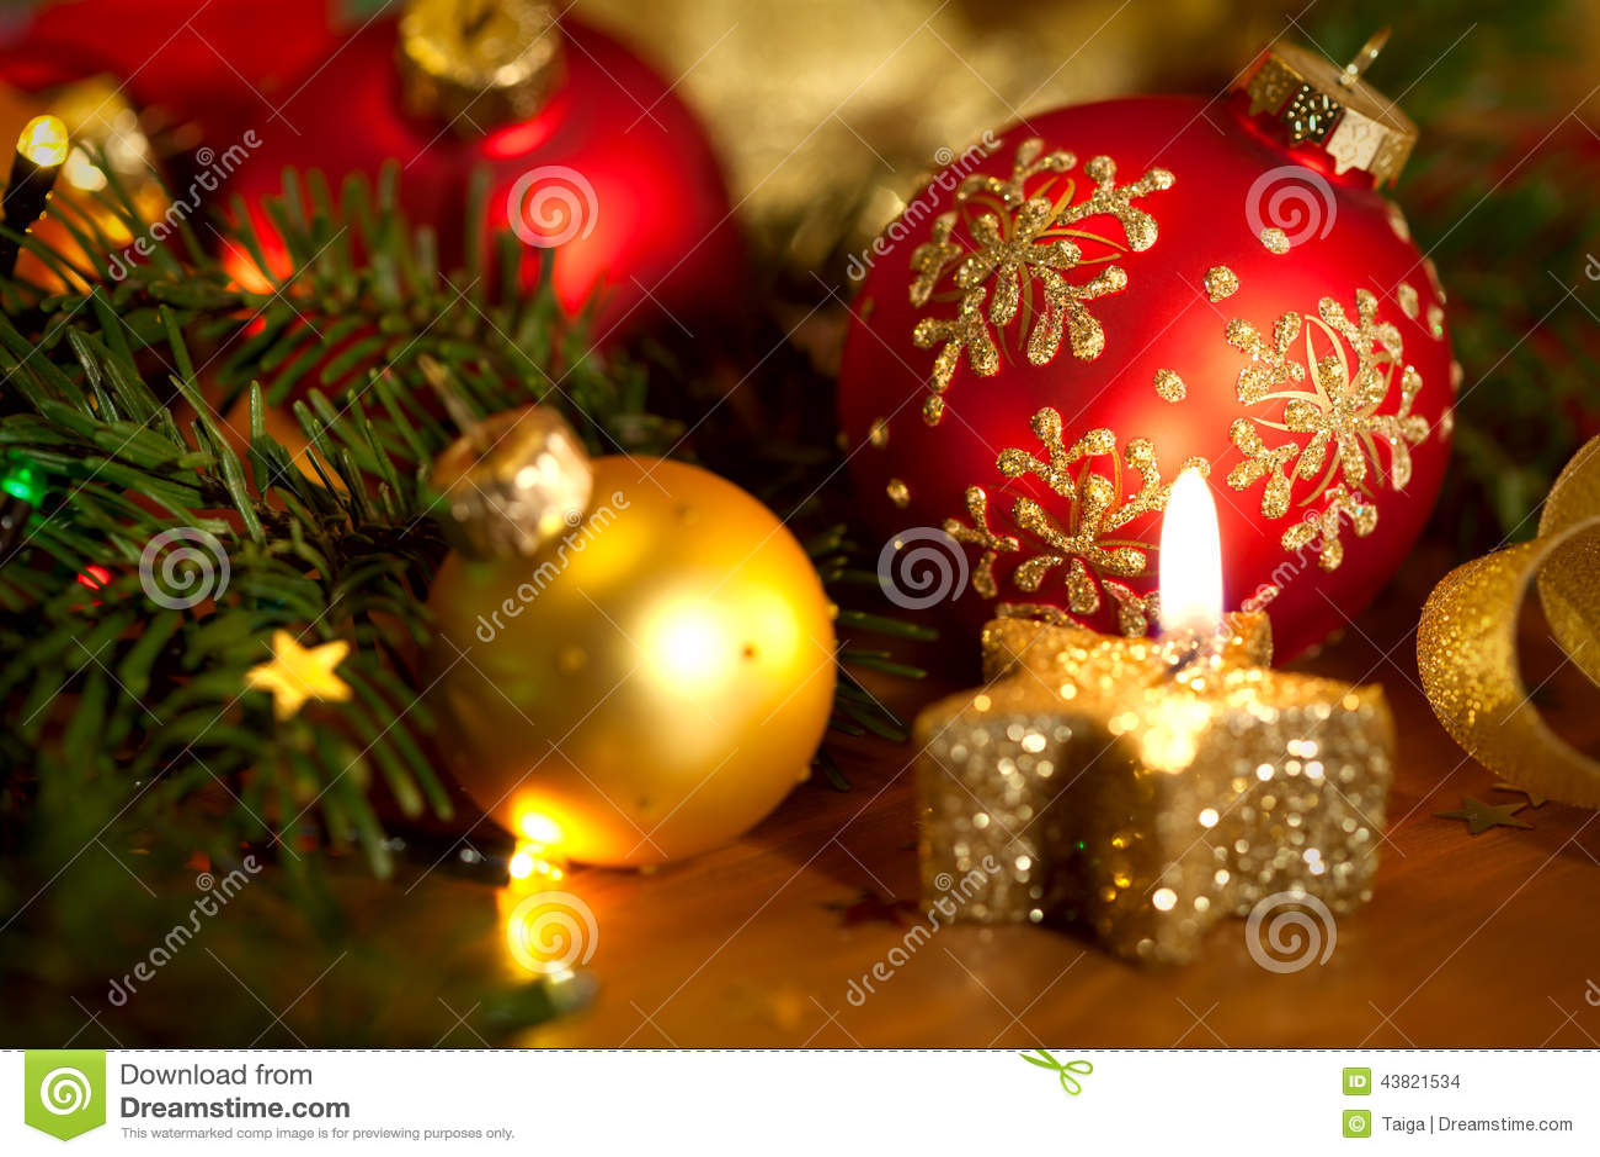 Tarjeta de Navidad con la vela de oro, bolas, árbol de pino, luces y